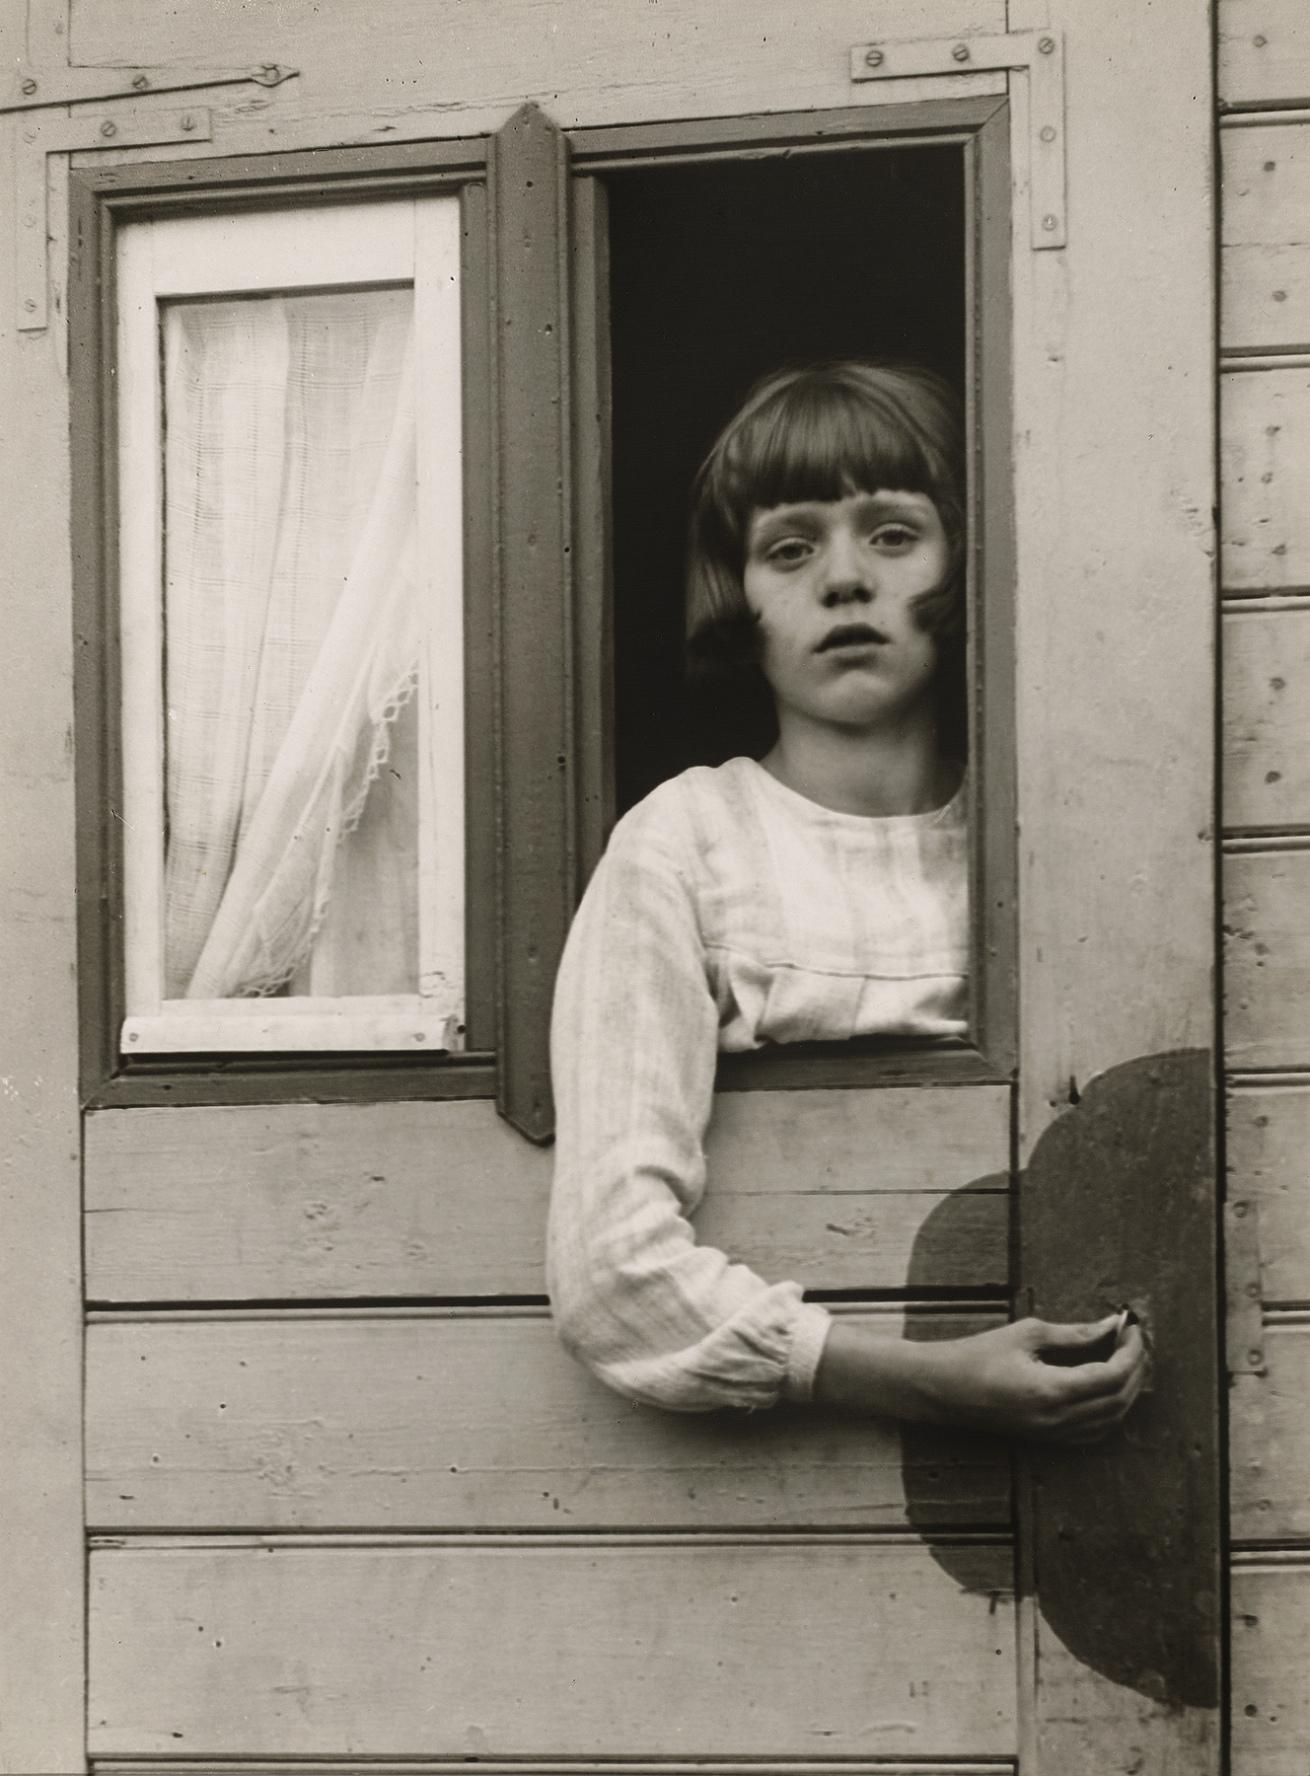 Fotó: August Sander <br />Girl in Fairground Caravan<br />1926-1932<br />Gelatin silver print<br />© Die Photographische Sammlung/SK Stiftung Kultur – August Sander Archiv; VG Bild-Kunst, 2018; Courtesy: The Museum of Modern Art, New York